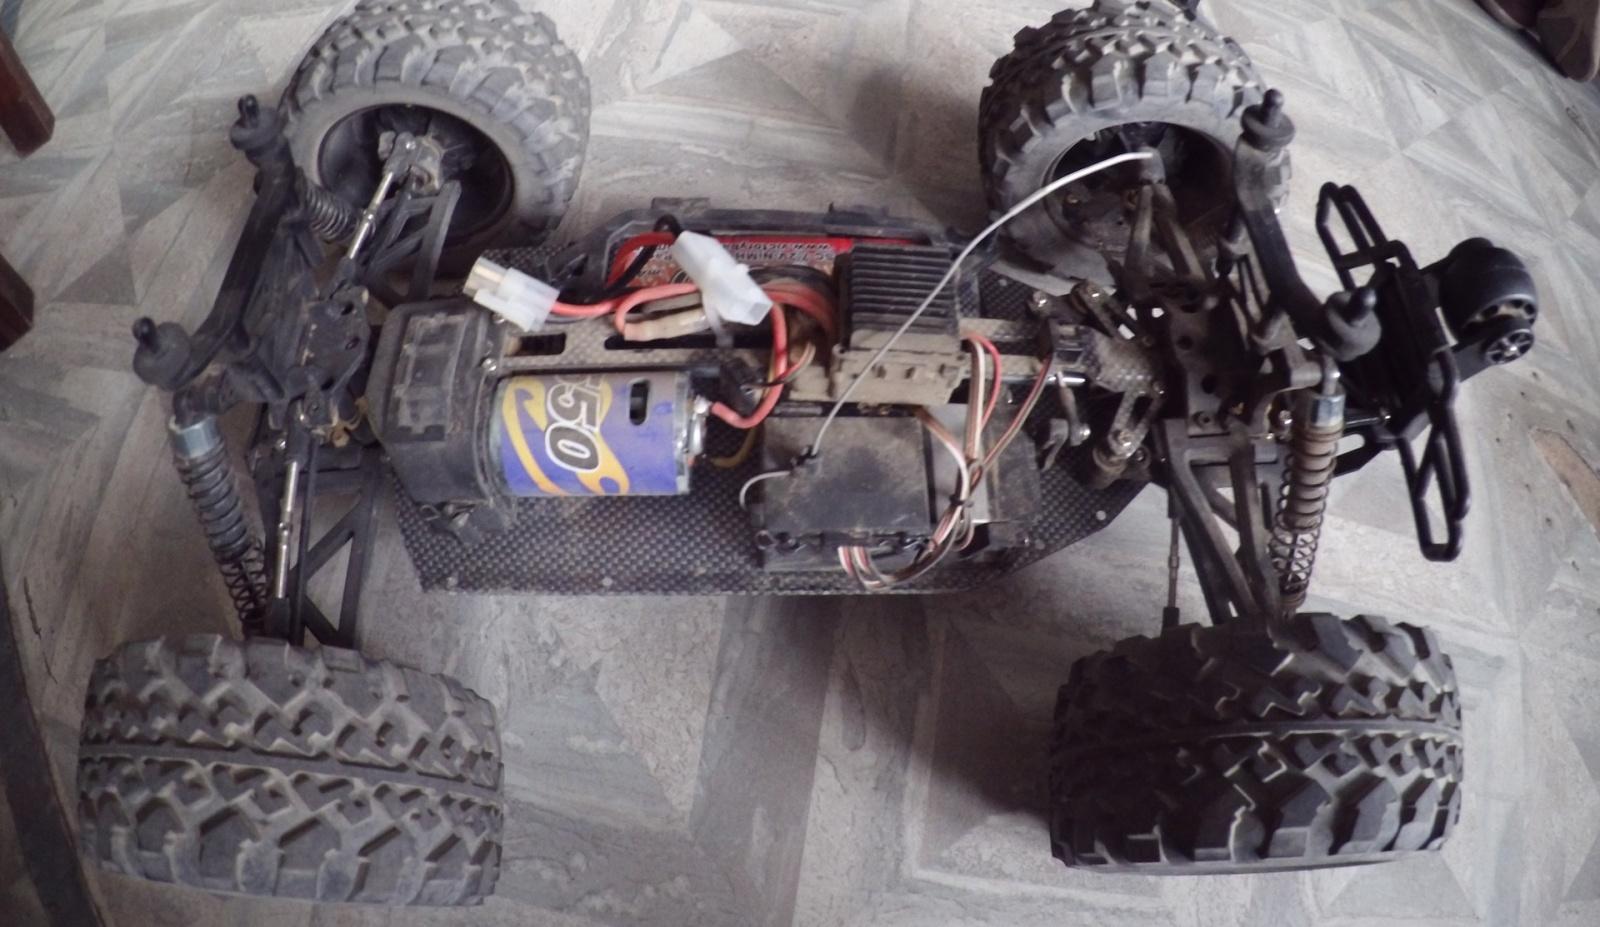 Покоритель бездорожья: обзор радиоуправляемого монстр-трака FS Racing 53810 - 7